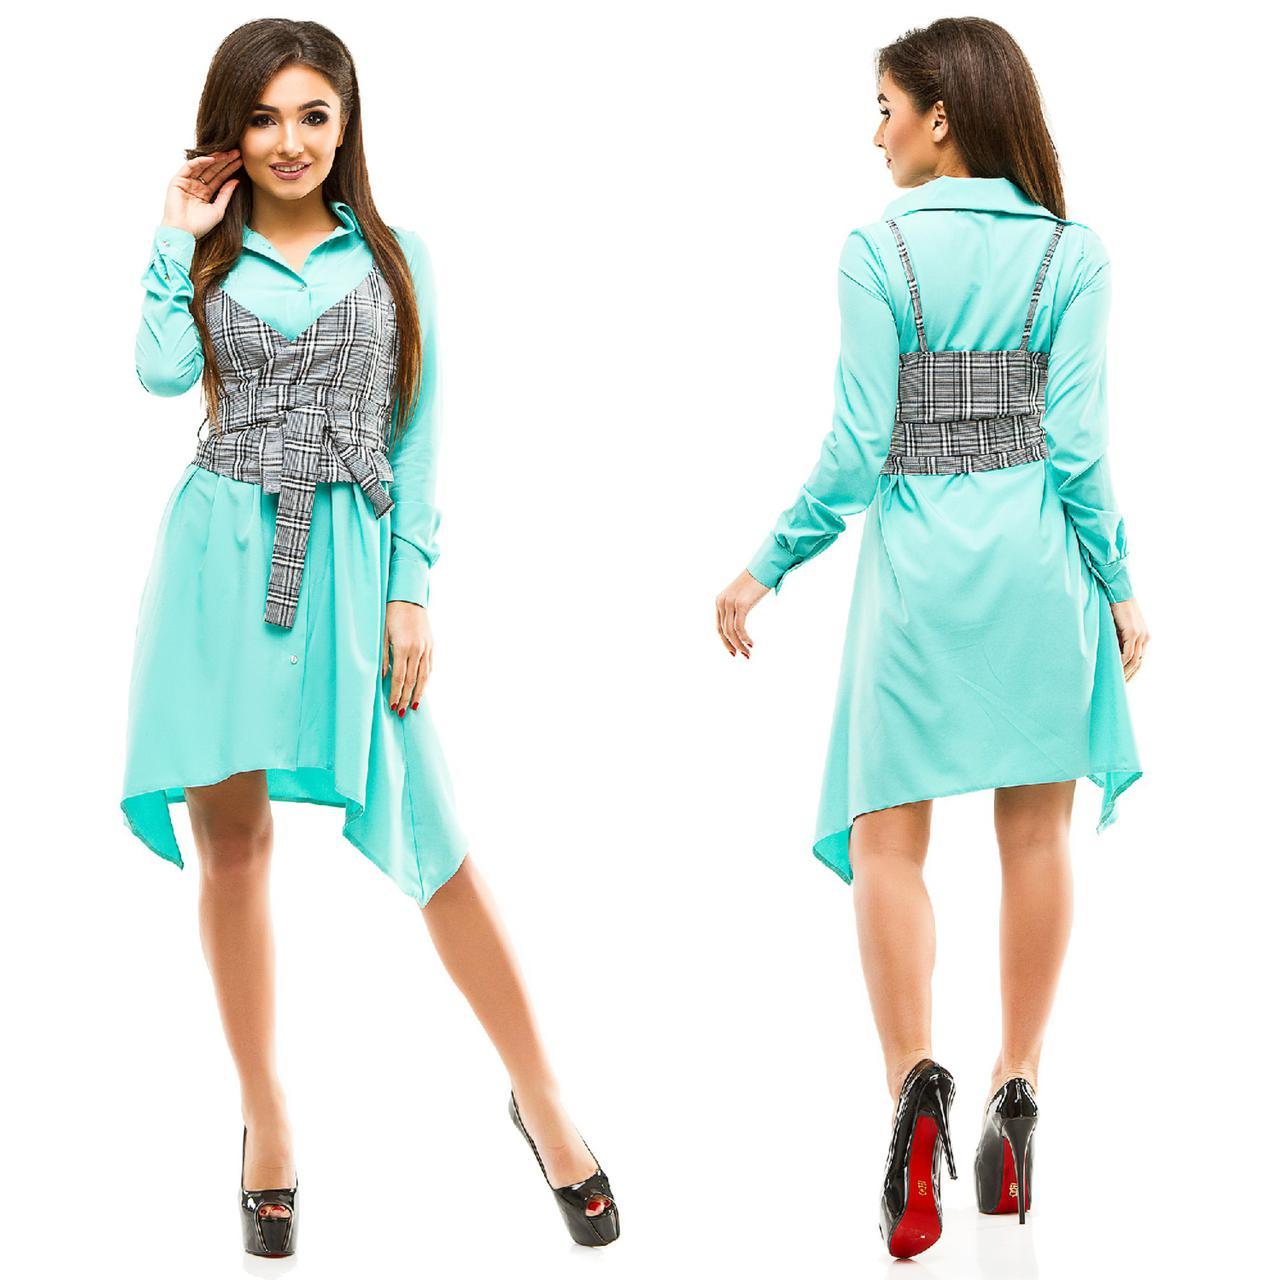 """Асимметричное платье-рубашка """"JILETT"""" с жилеткой в клетку (4 цвета)"""